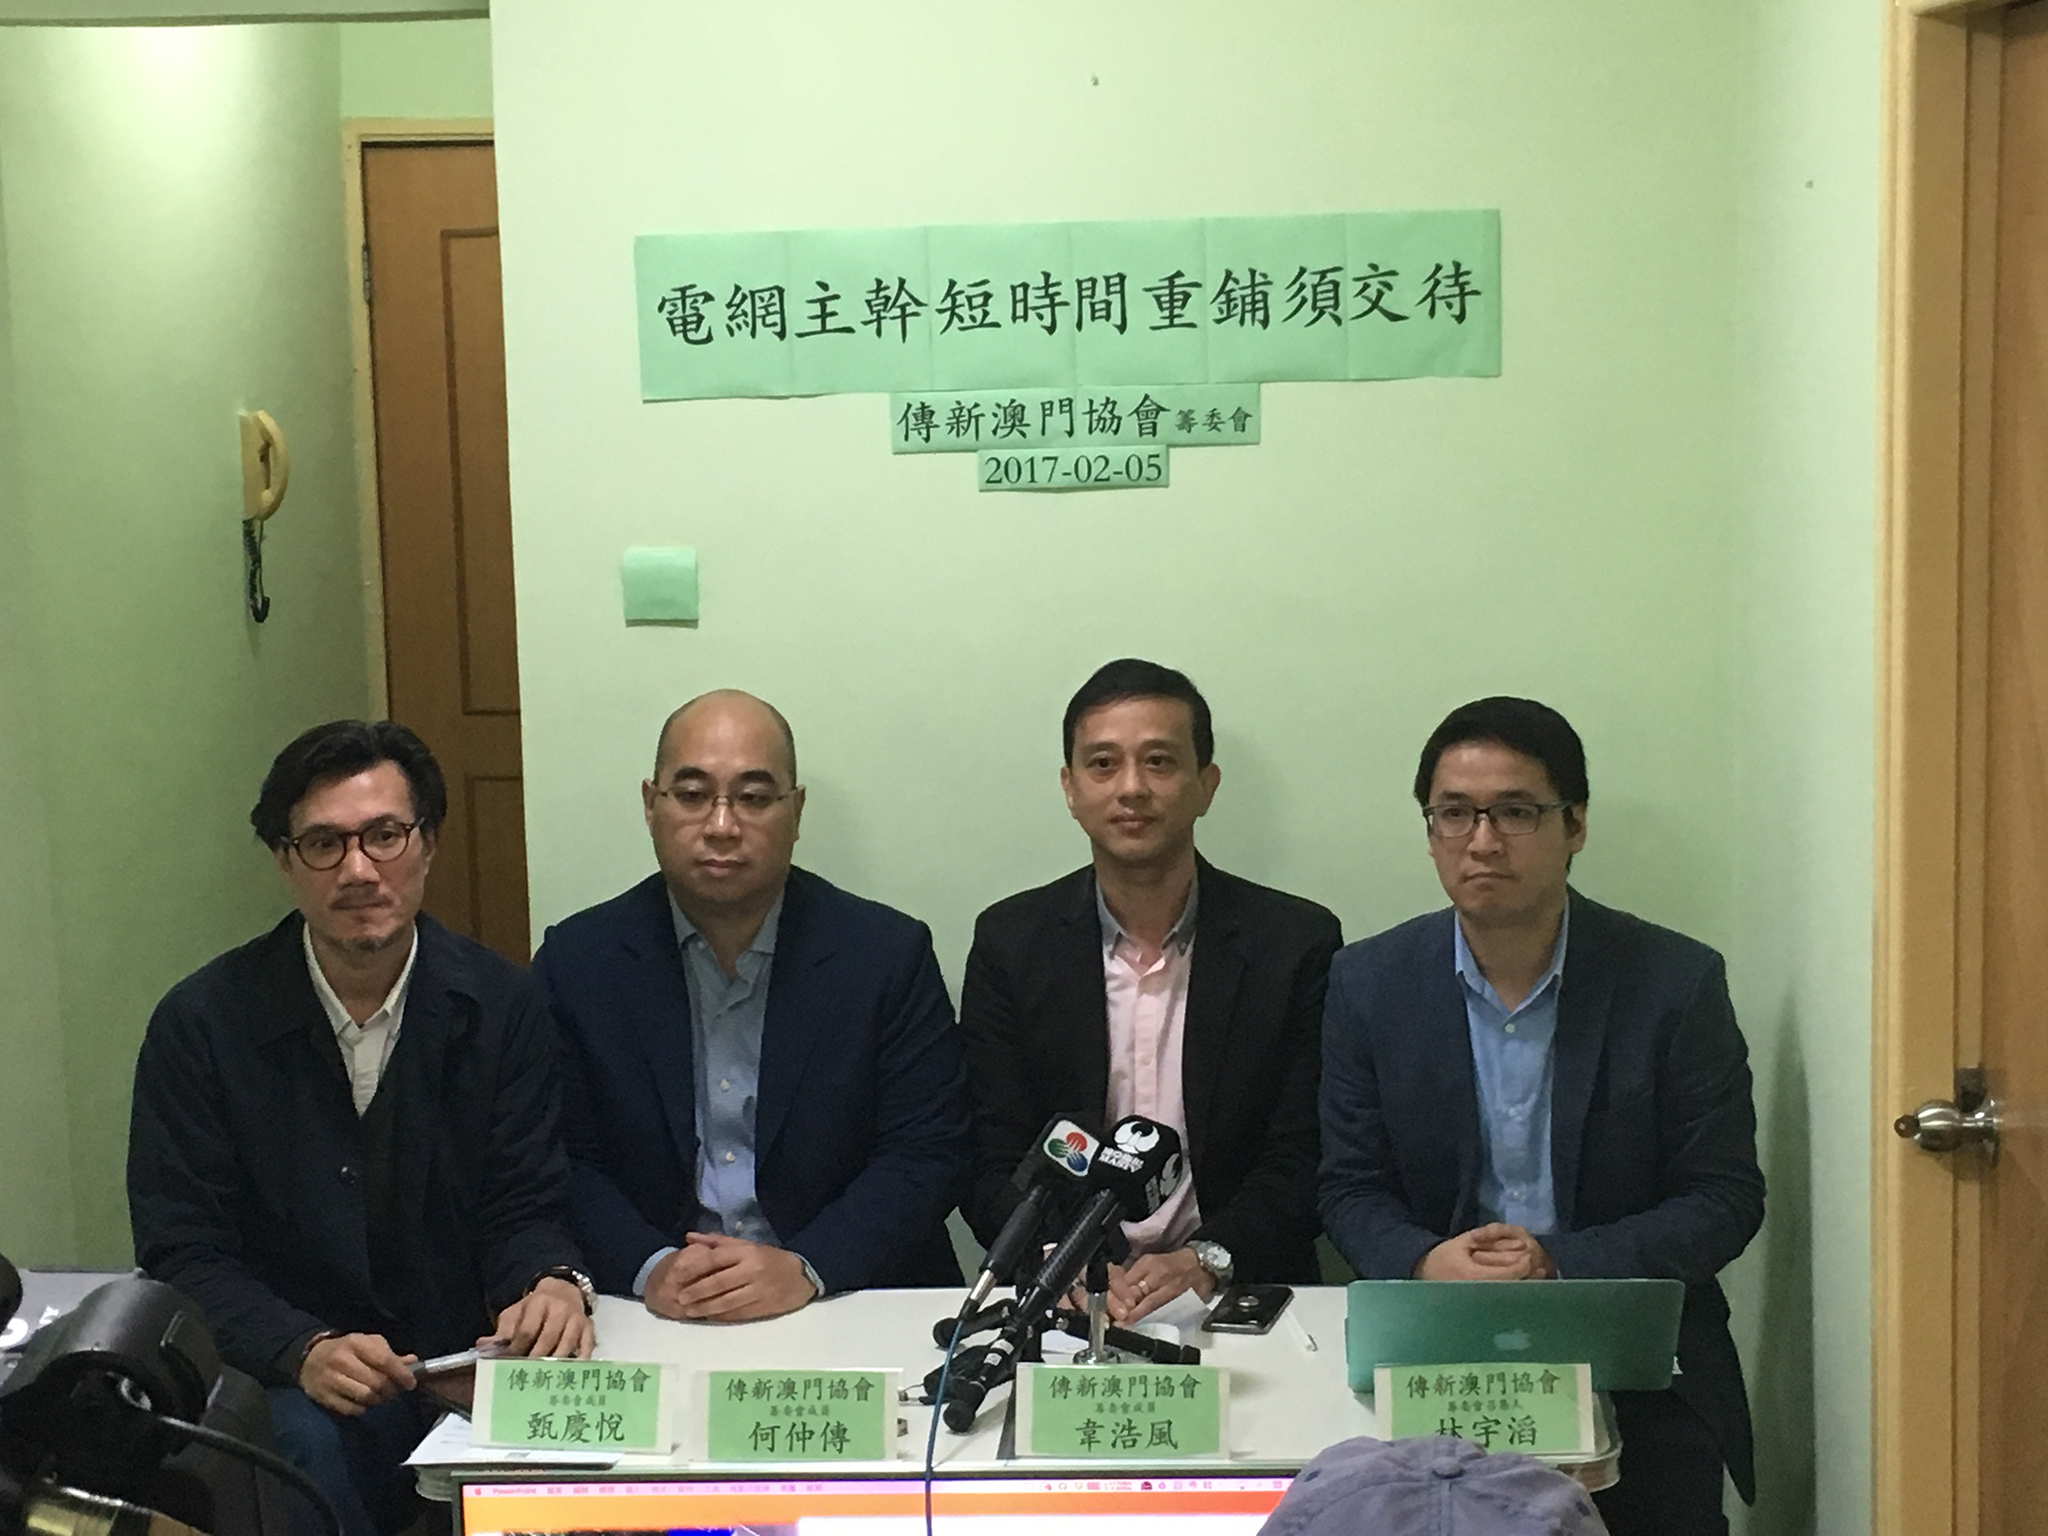 Associação alerta para problemas na rede eléctrica do território